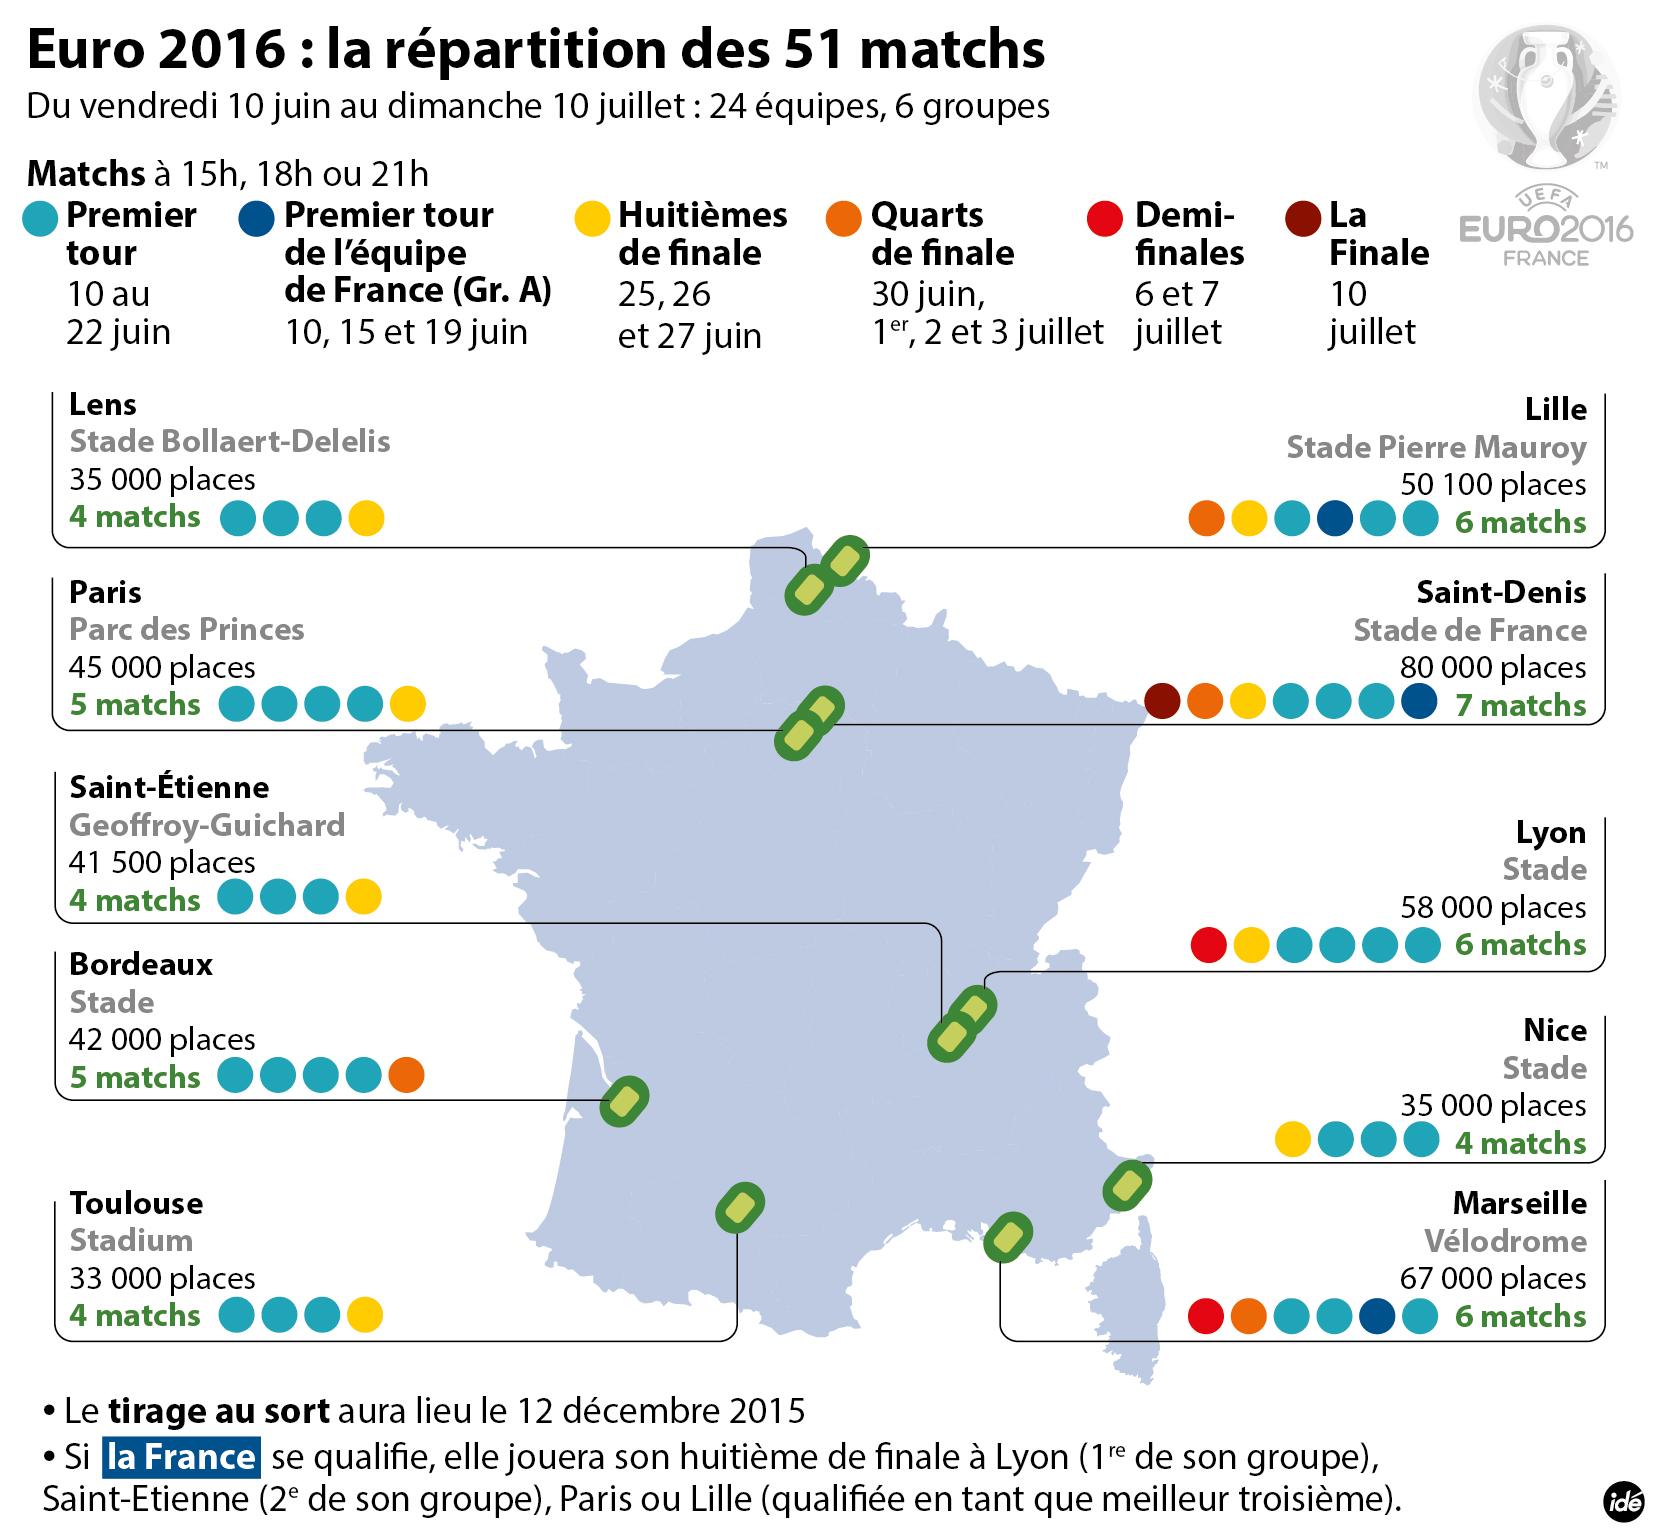 Liminatoires du championnat d Europe de football 20pdia